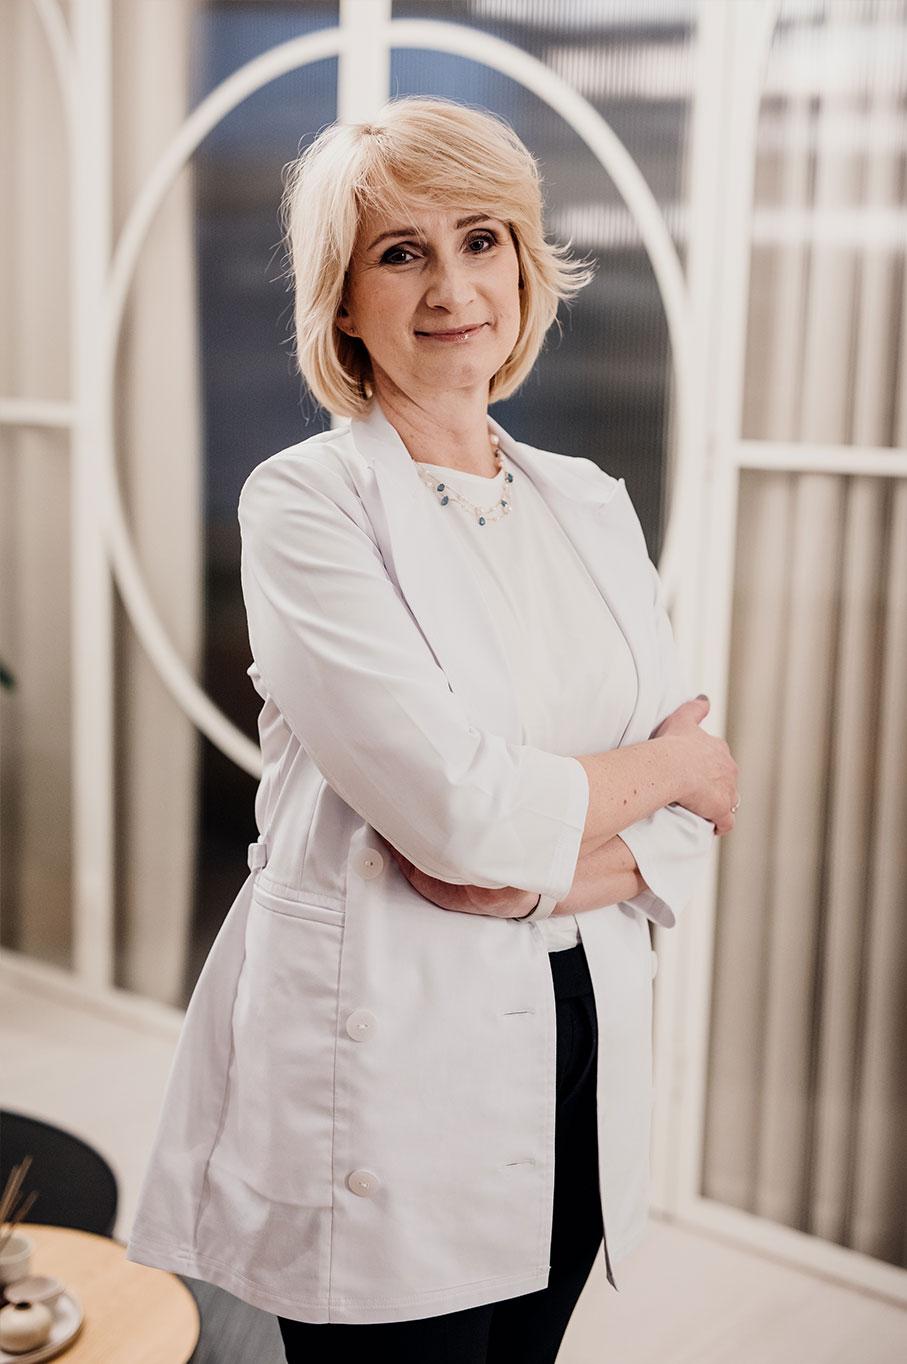 Beata Osuch